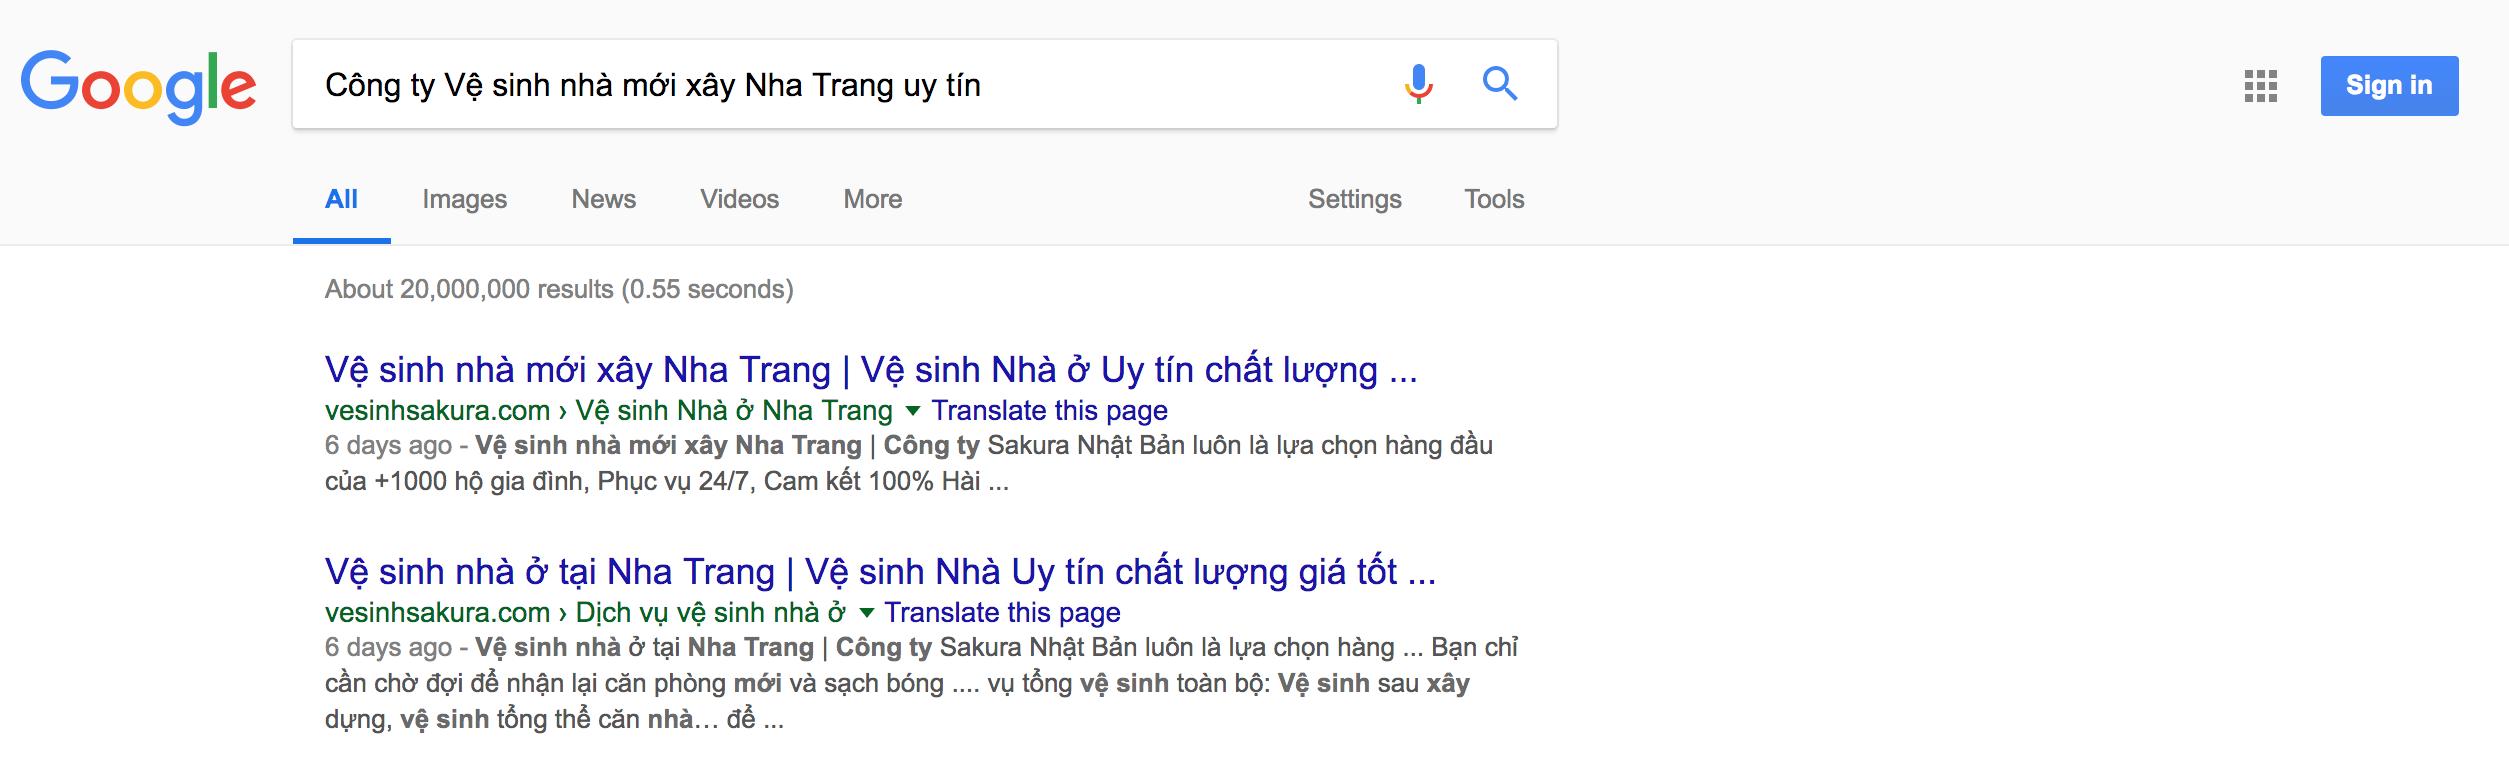 Dịch vụ Vệ sinh Công nghiệp tại Nha Trang Sakura với Top 1 Google